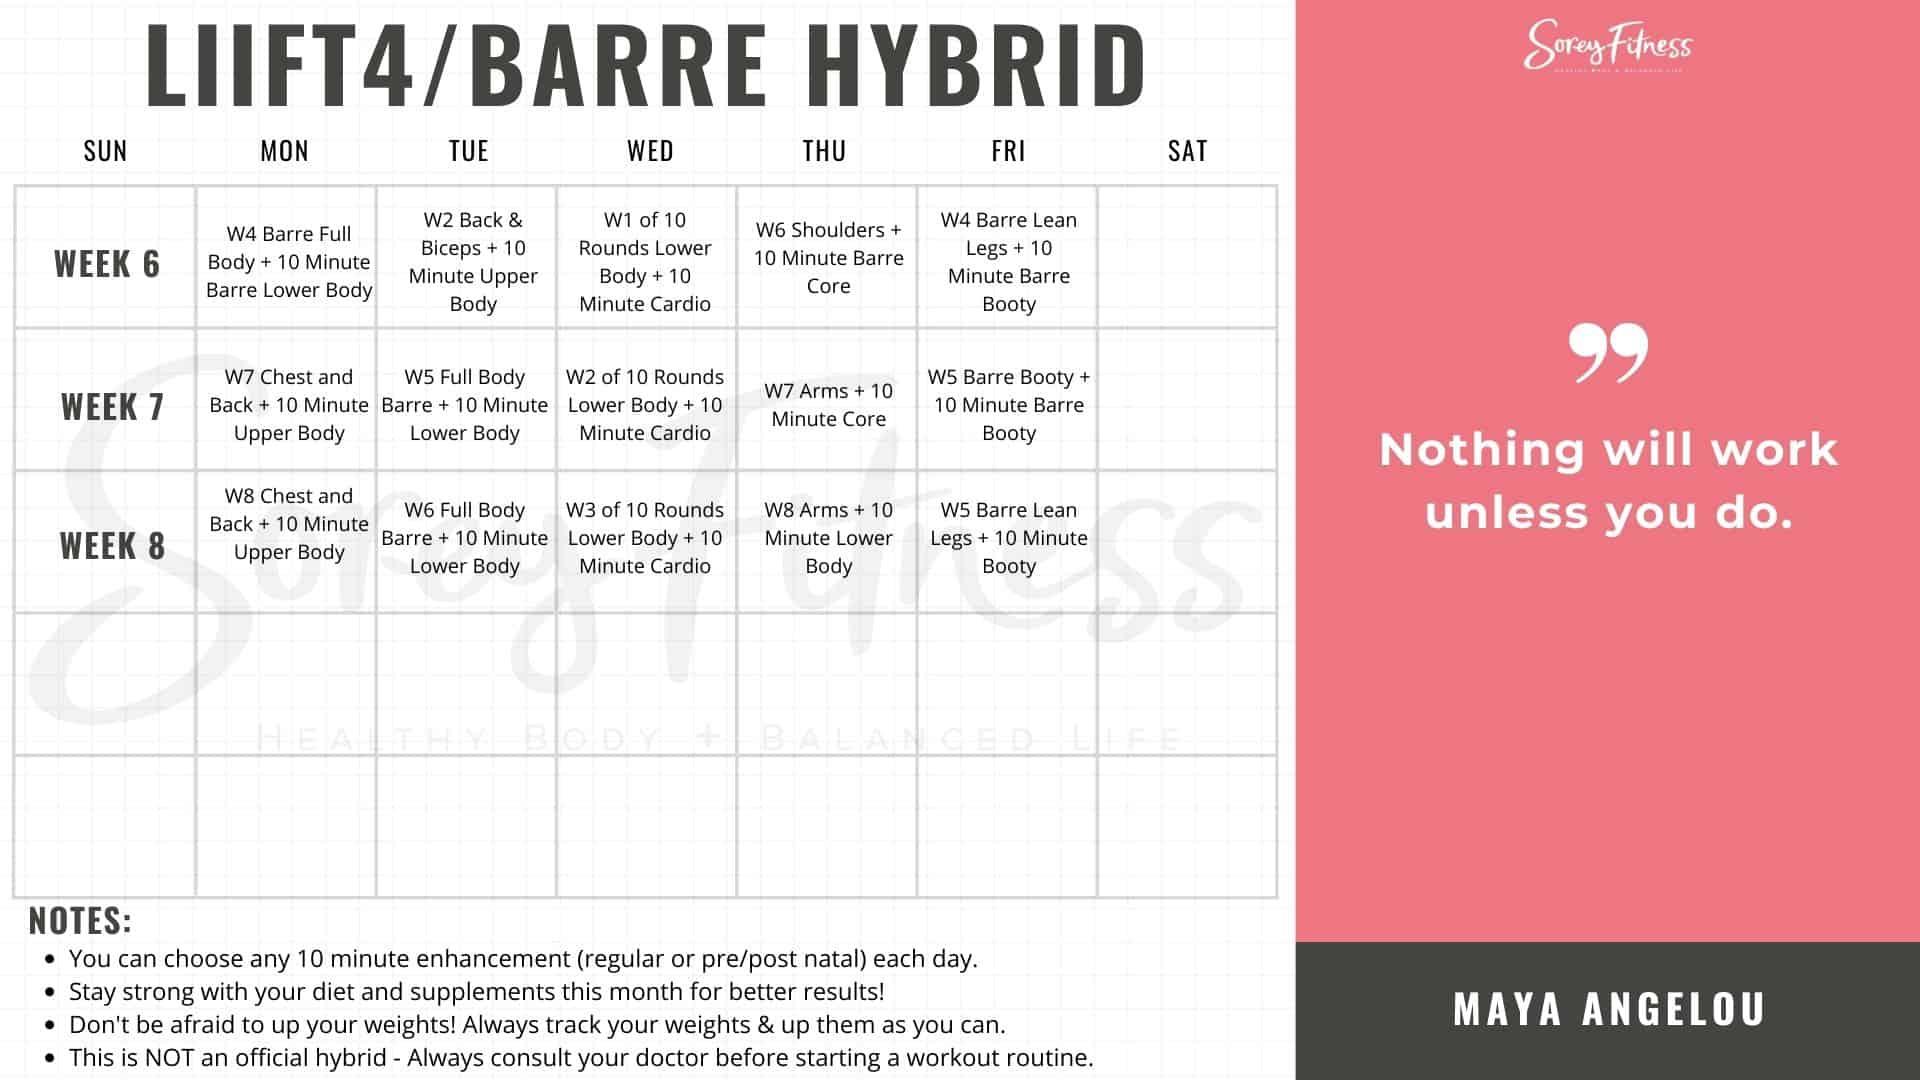 Liift4 Barre Blend Calendar Weeks 6-8